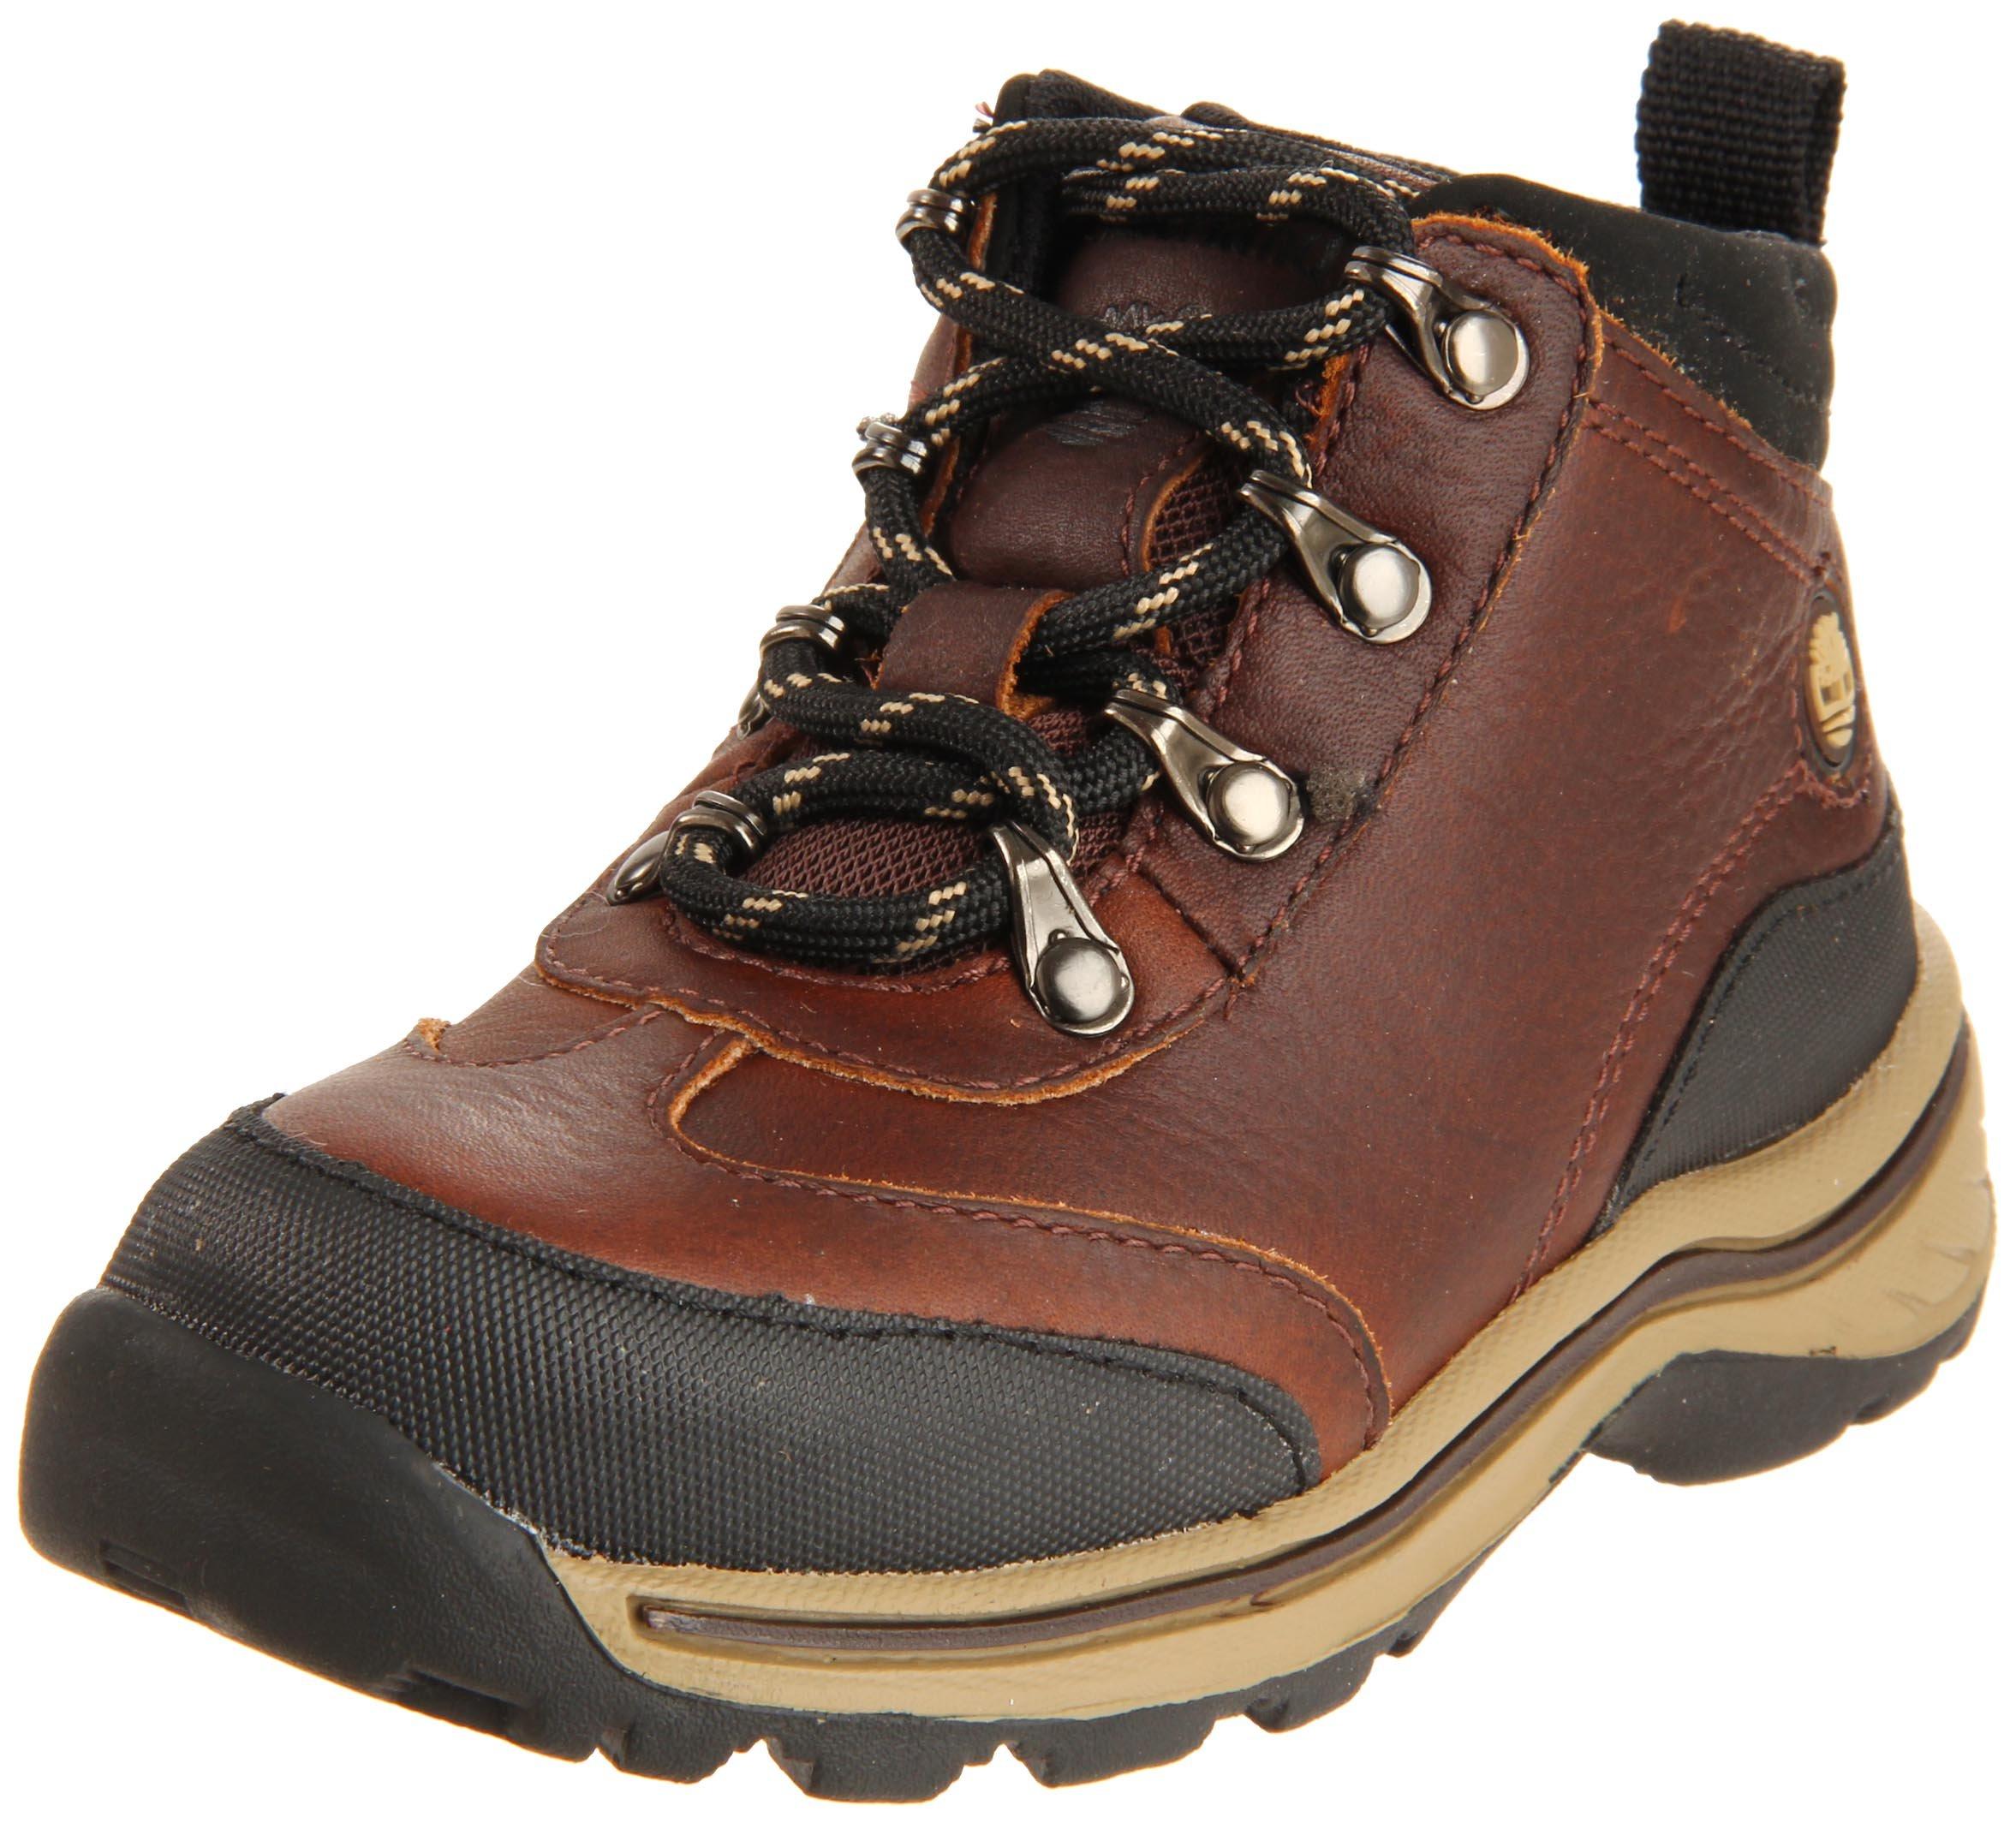 Timberland Backroad Hiker J Boot (Little Kid/Big Kid),Brown,7 M US Big Kid